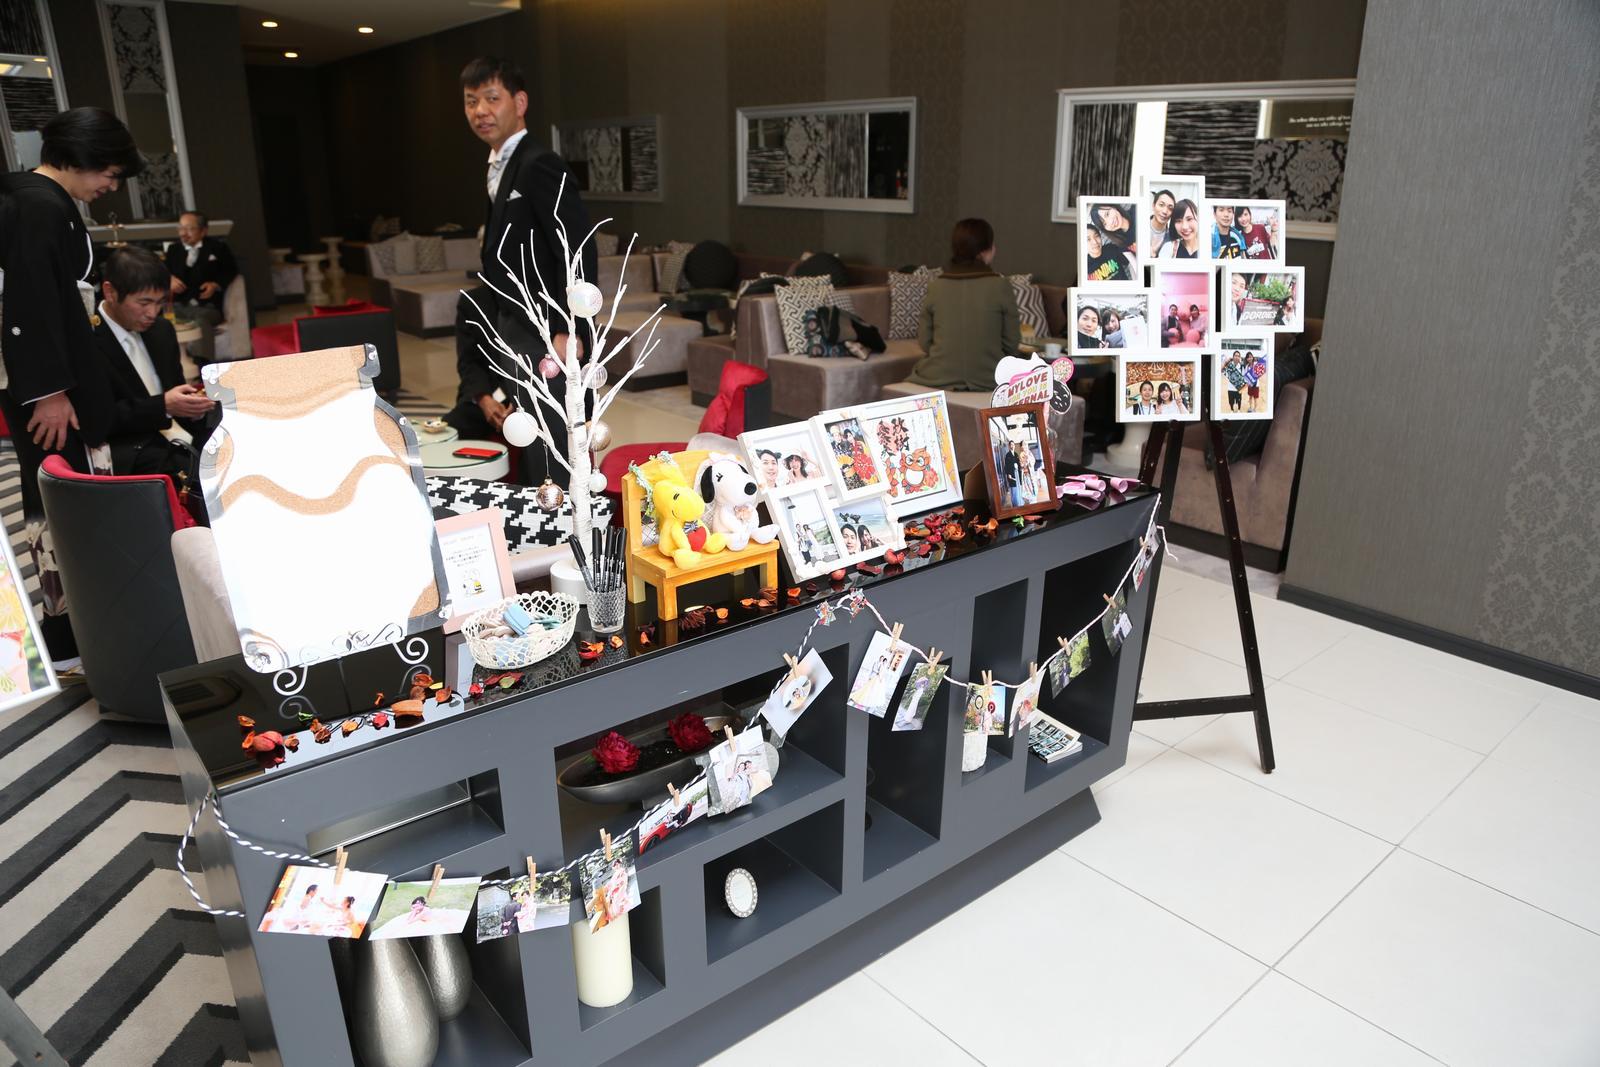 徳島市の結婚式場ブランアンジュで待合ロビーに飾った写真やアイテム